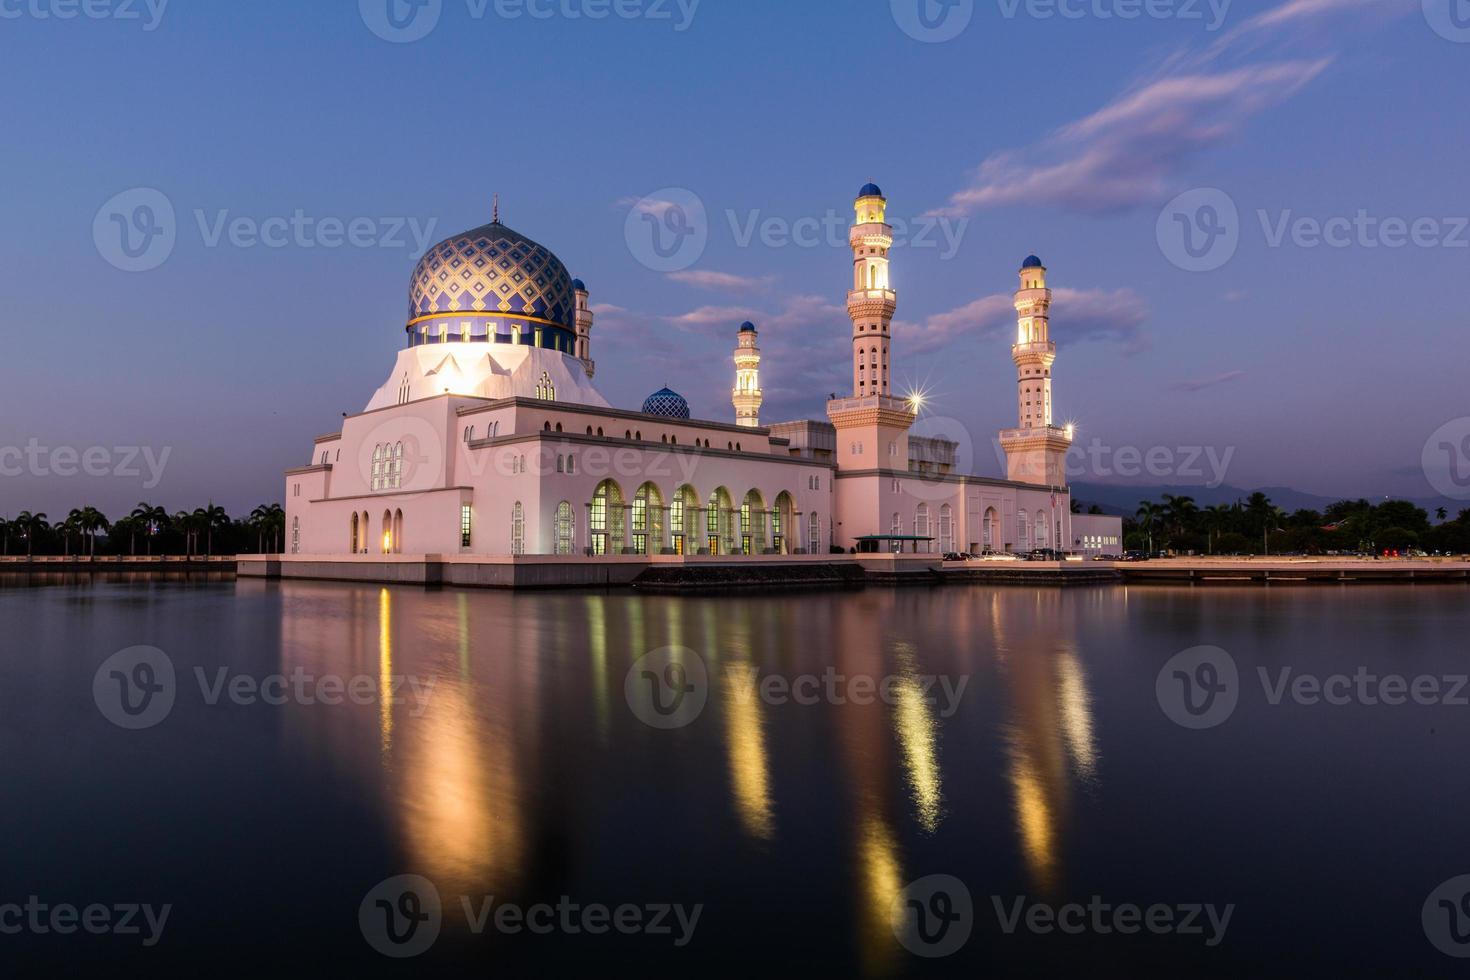 mosquée flottante de la ville de kota kinabalu, sabah borneo malaisie est photo